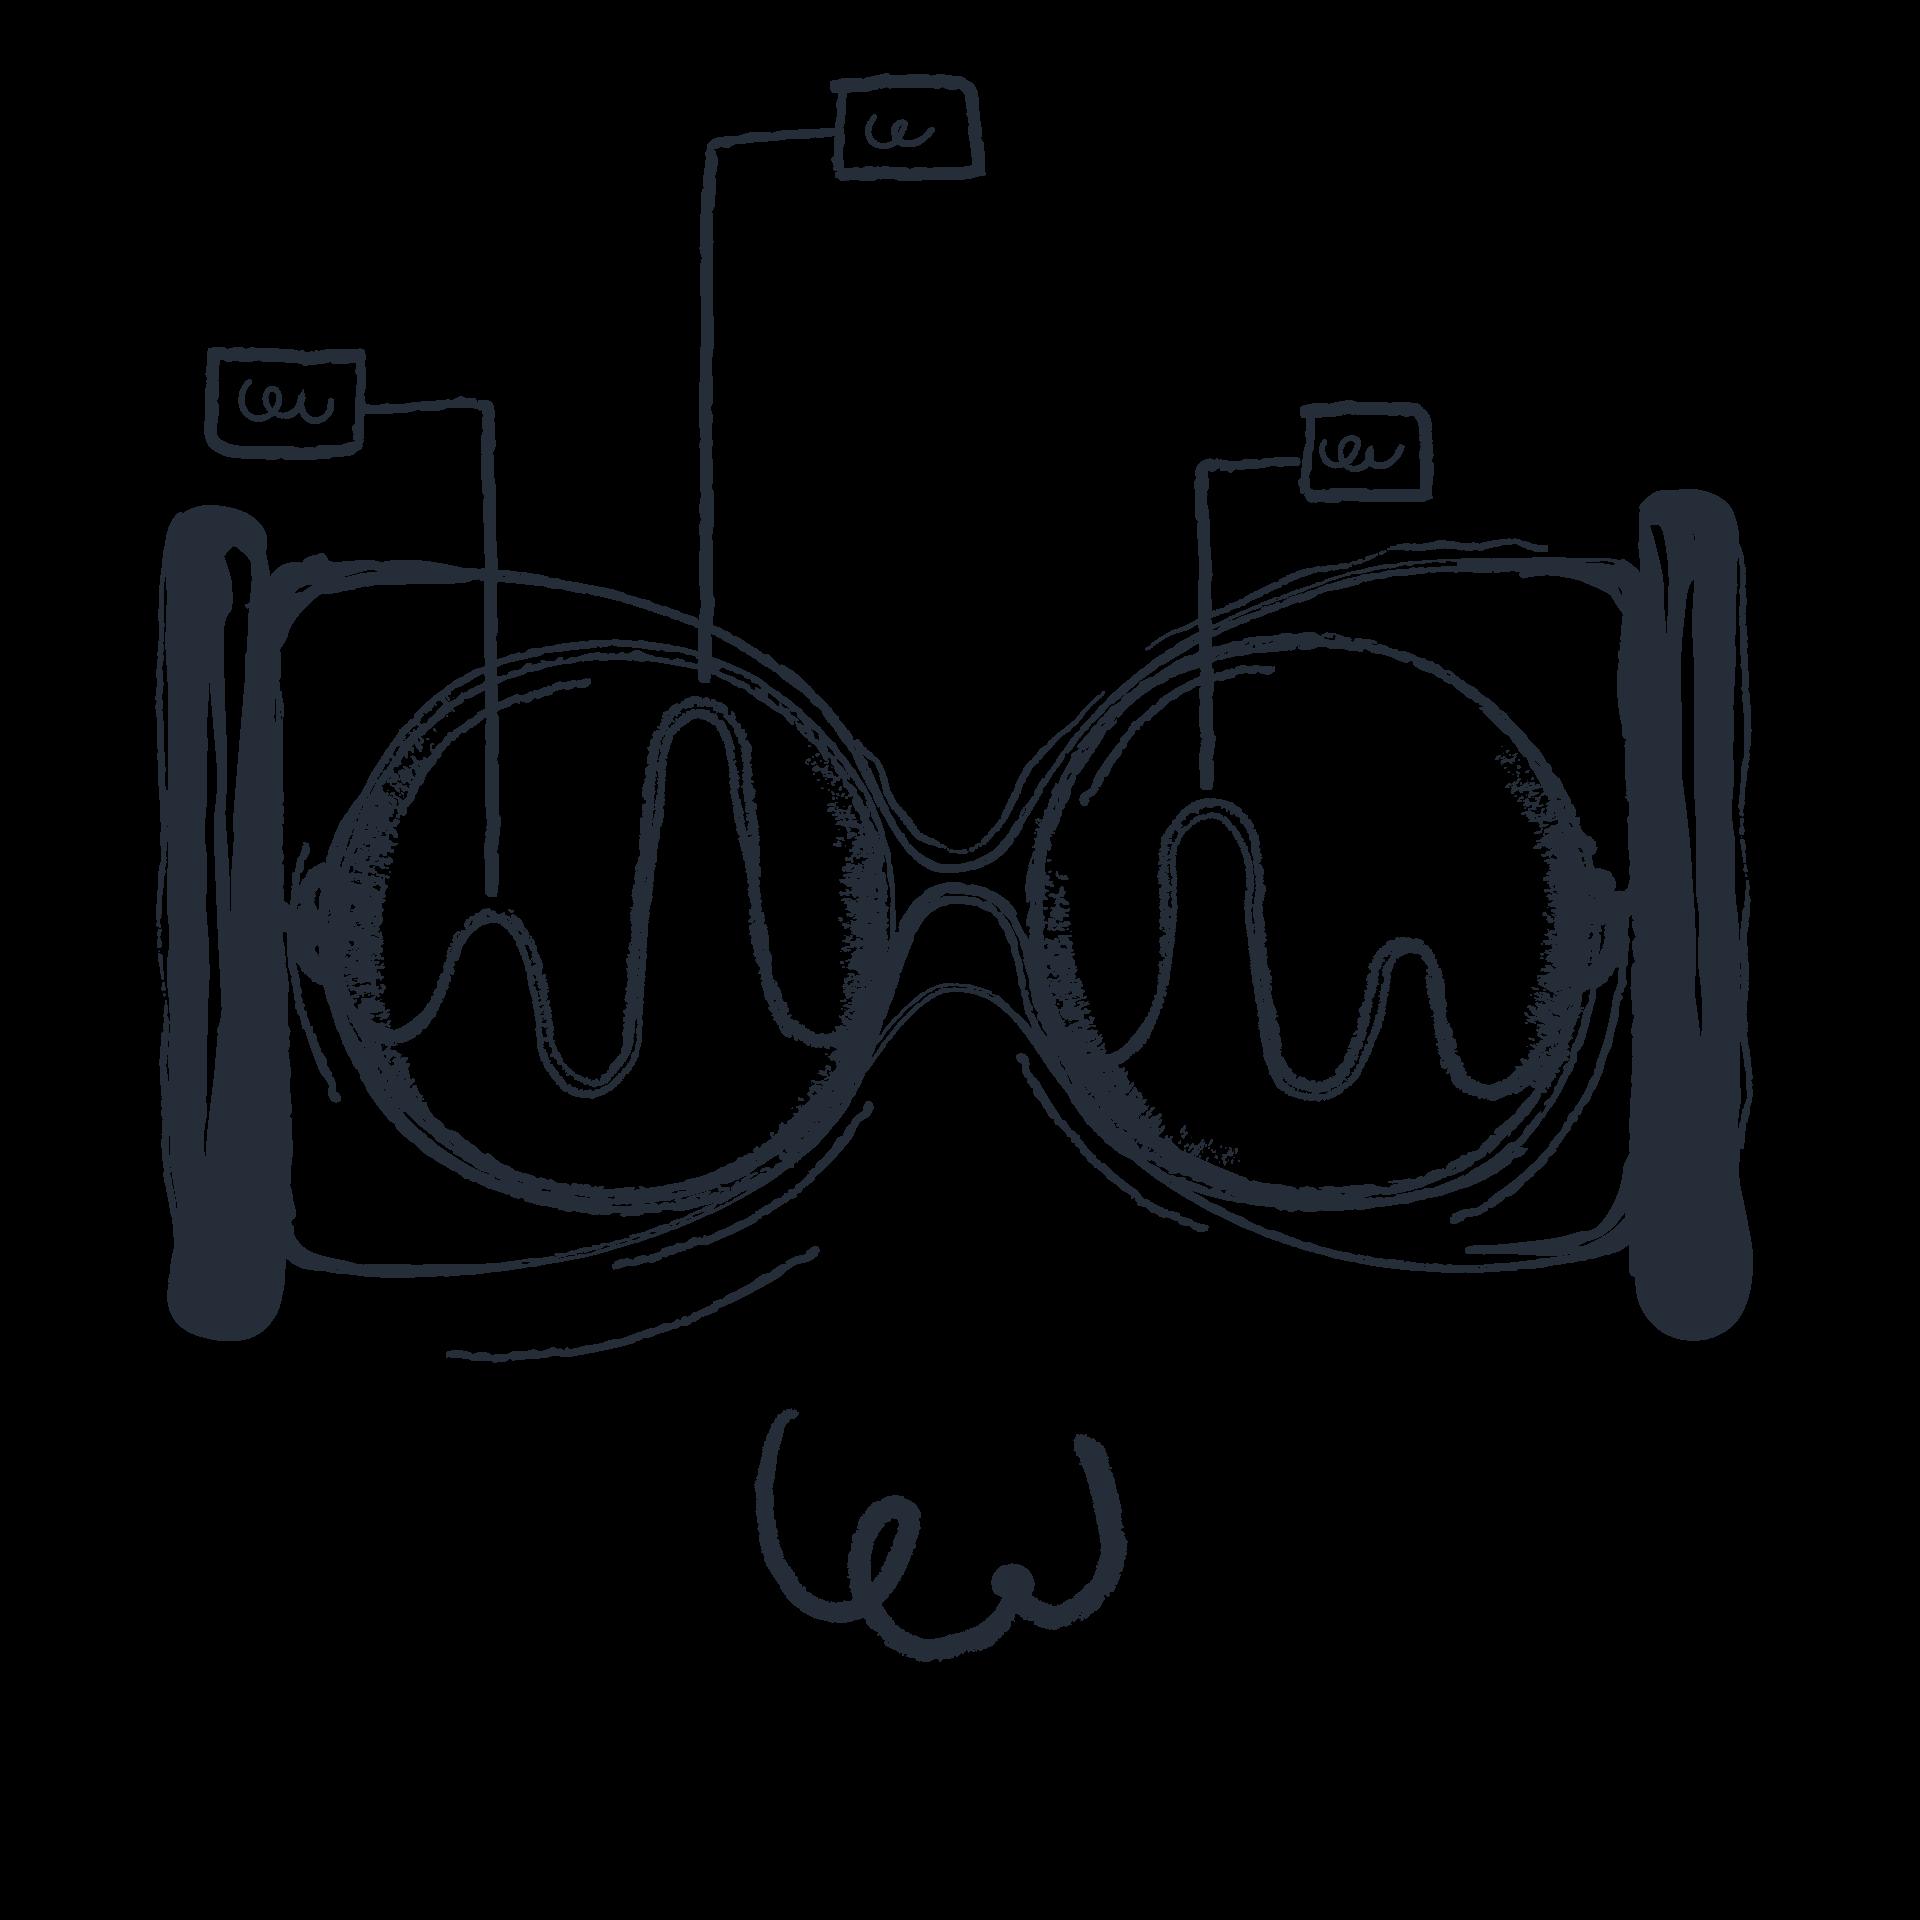 Illustration Ux Design